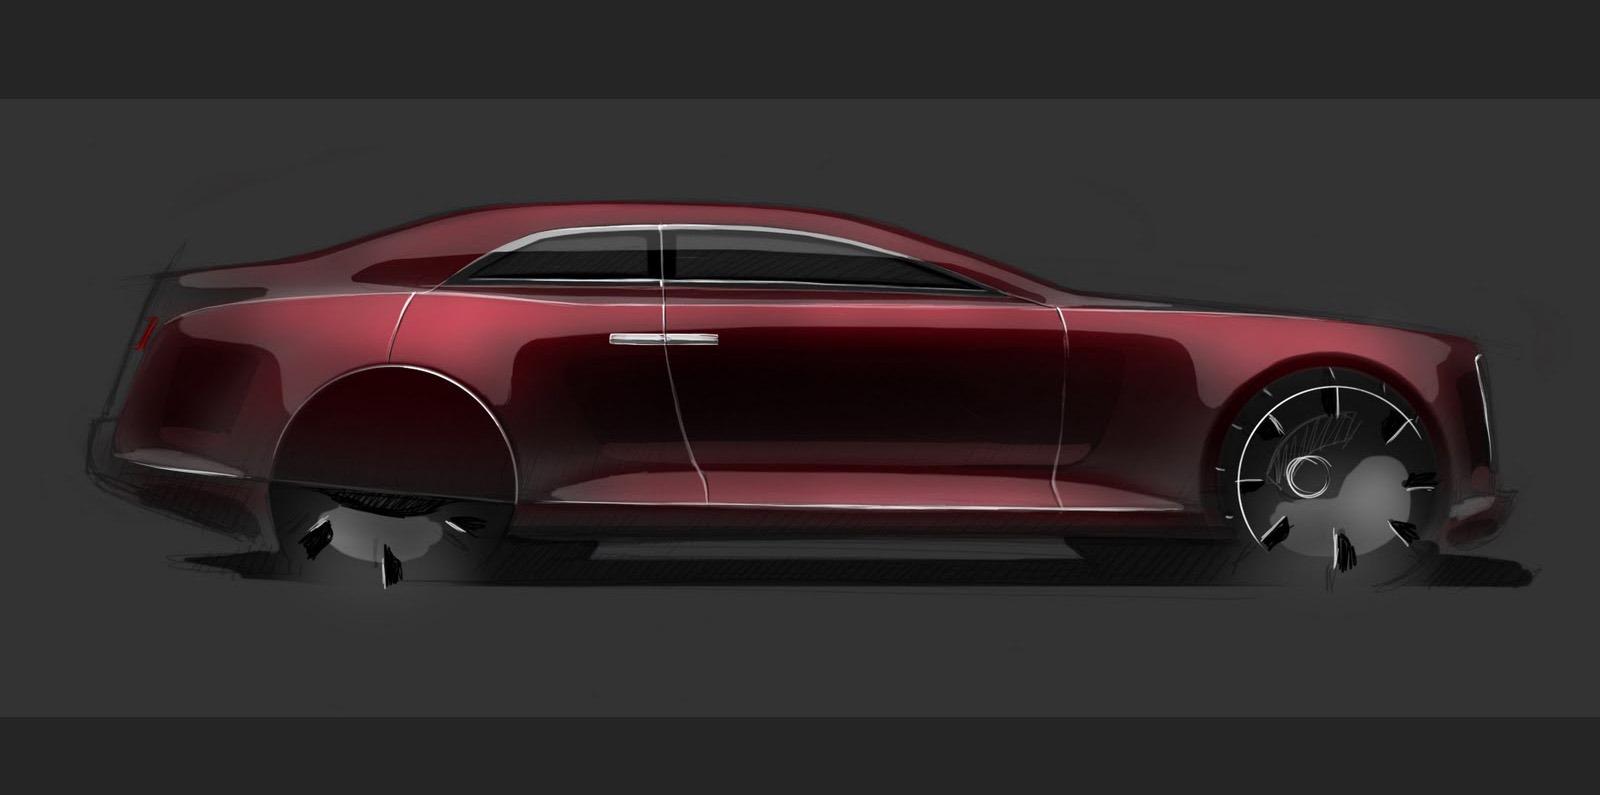 2025 Lincoln Continental Concept - autoevolution